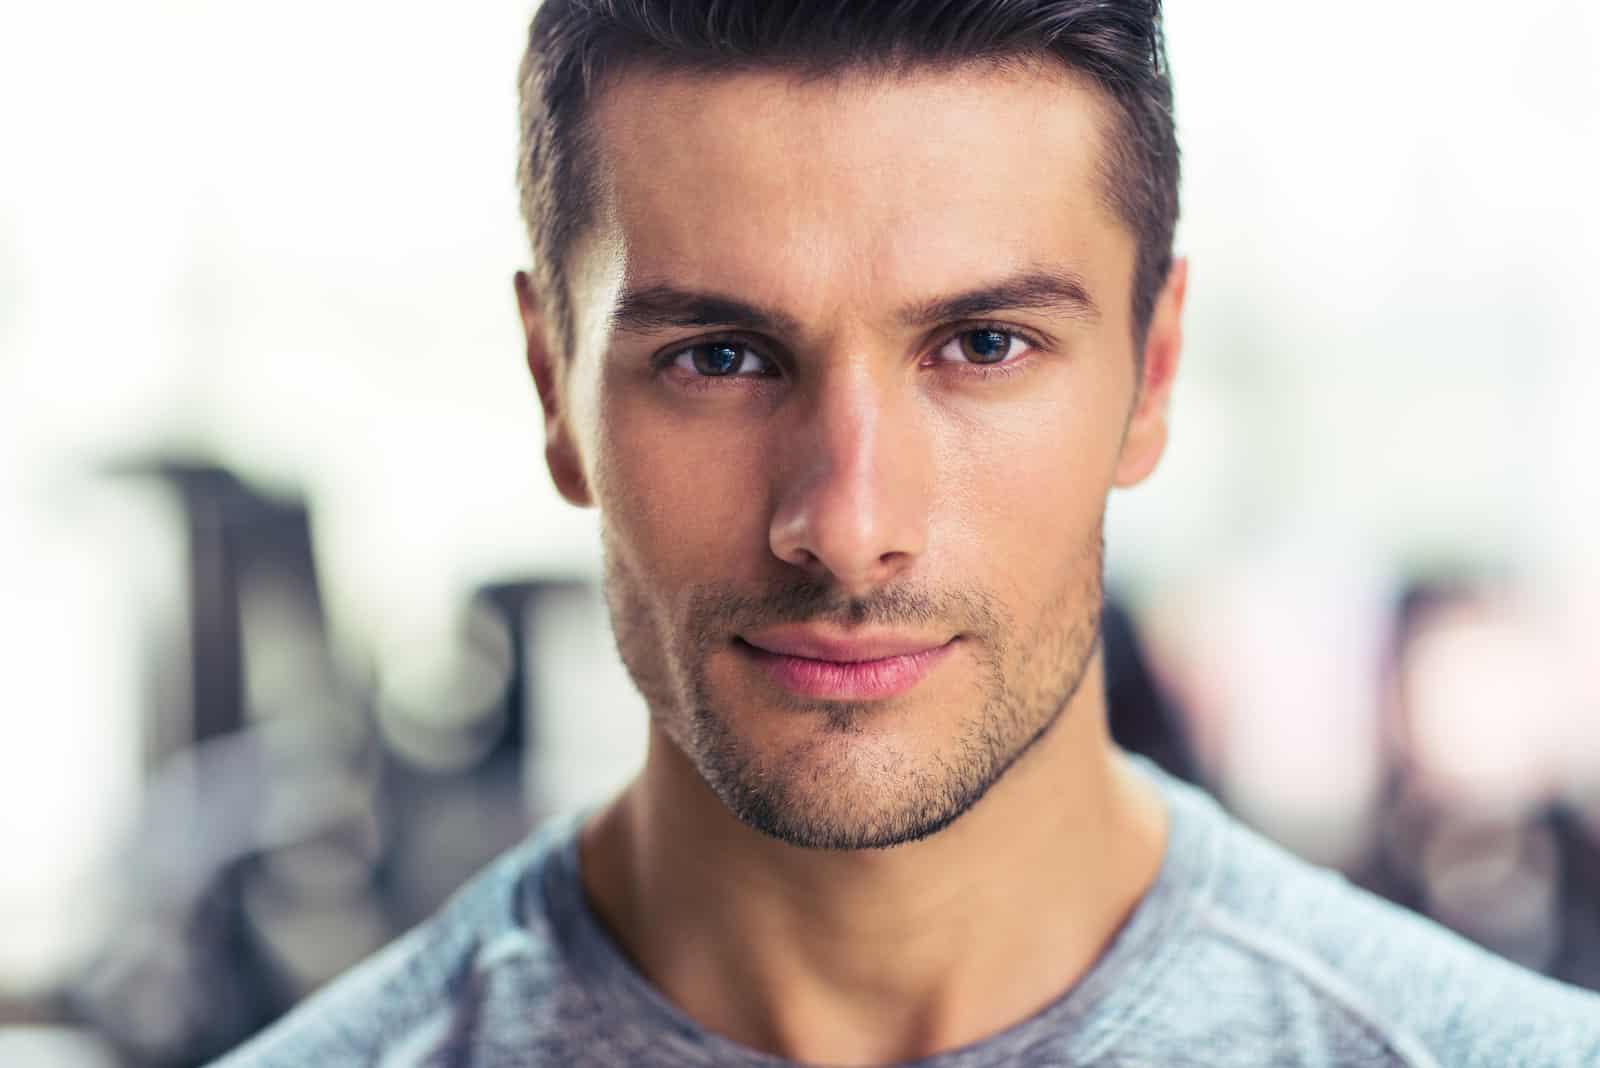 ein Porträt eines gutaussehenden selbstbewussten Mannes